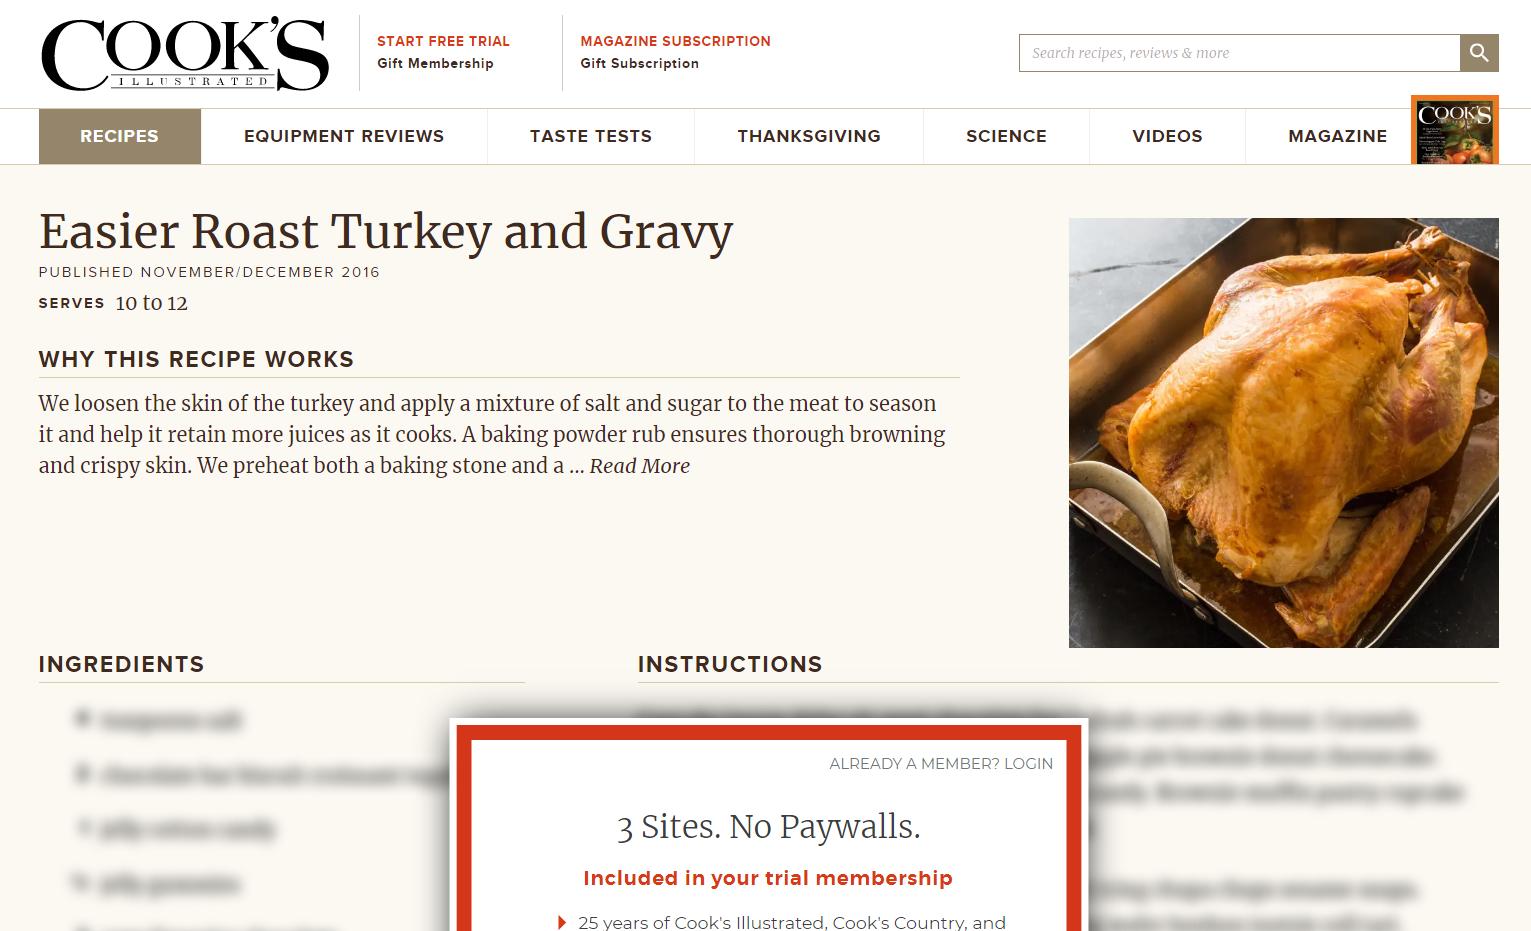 sito che prende in giro le informazioni dietro un paywall.